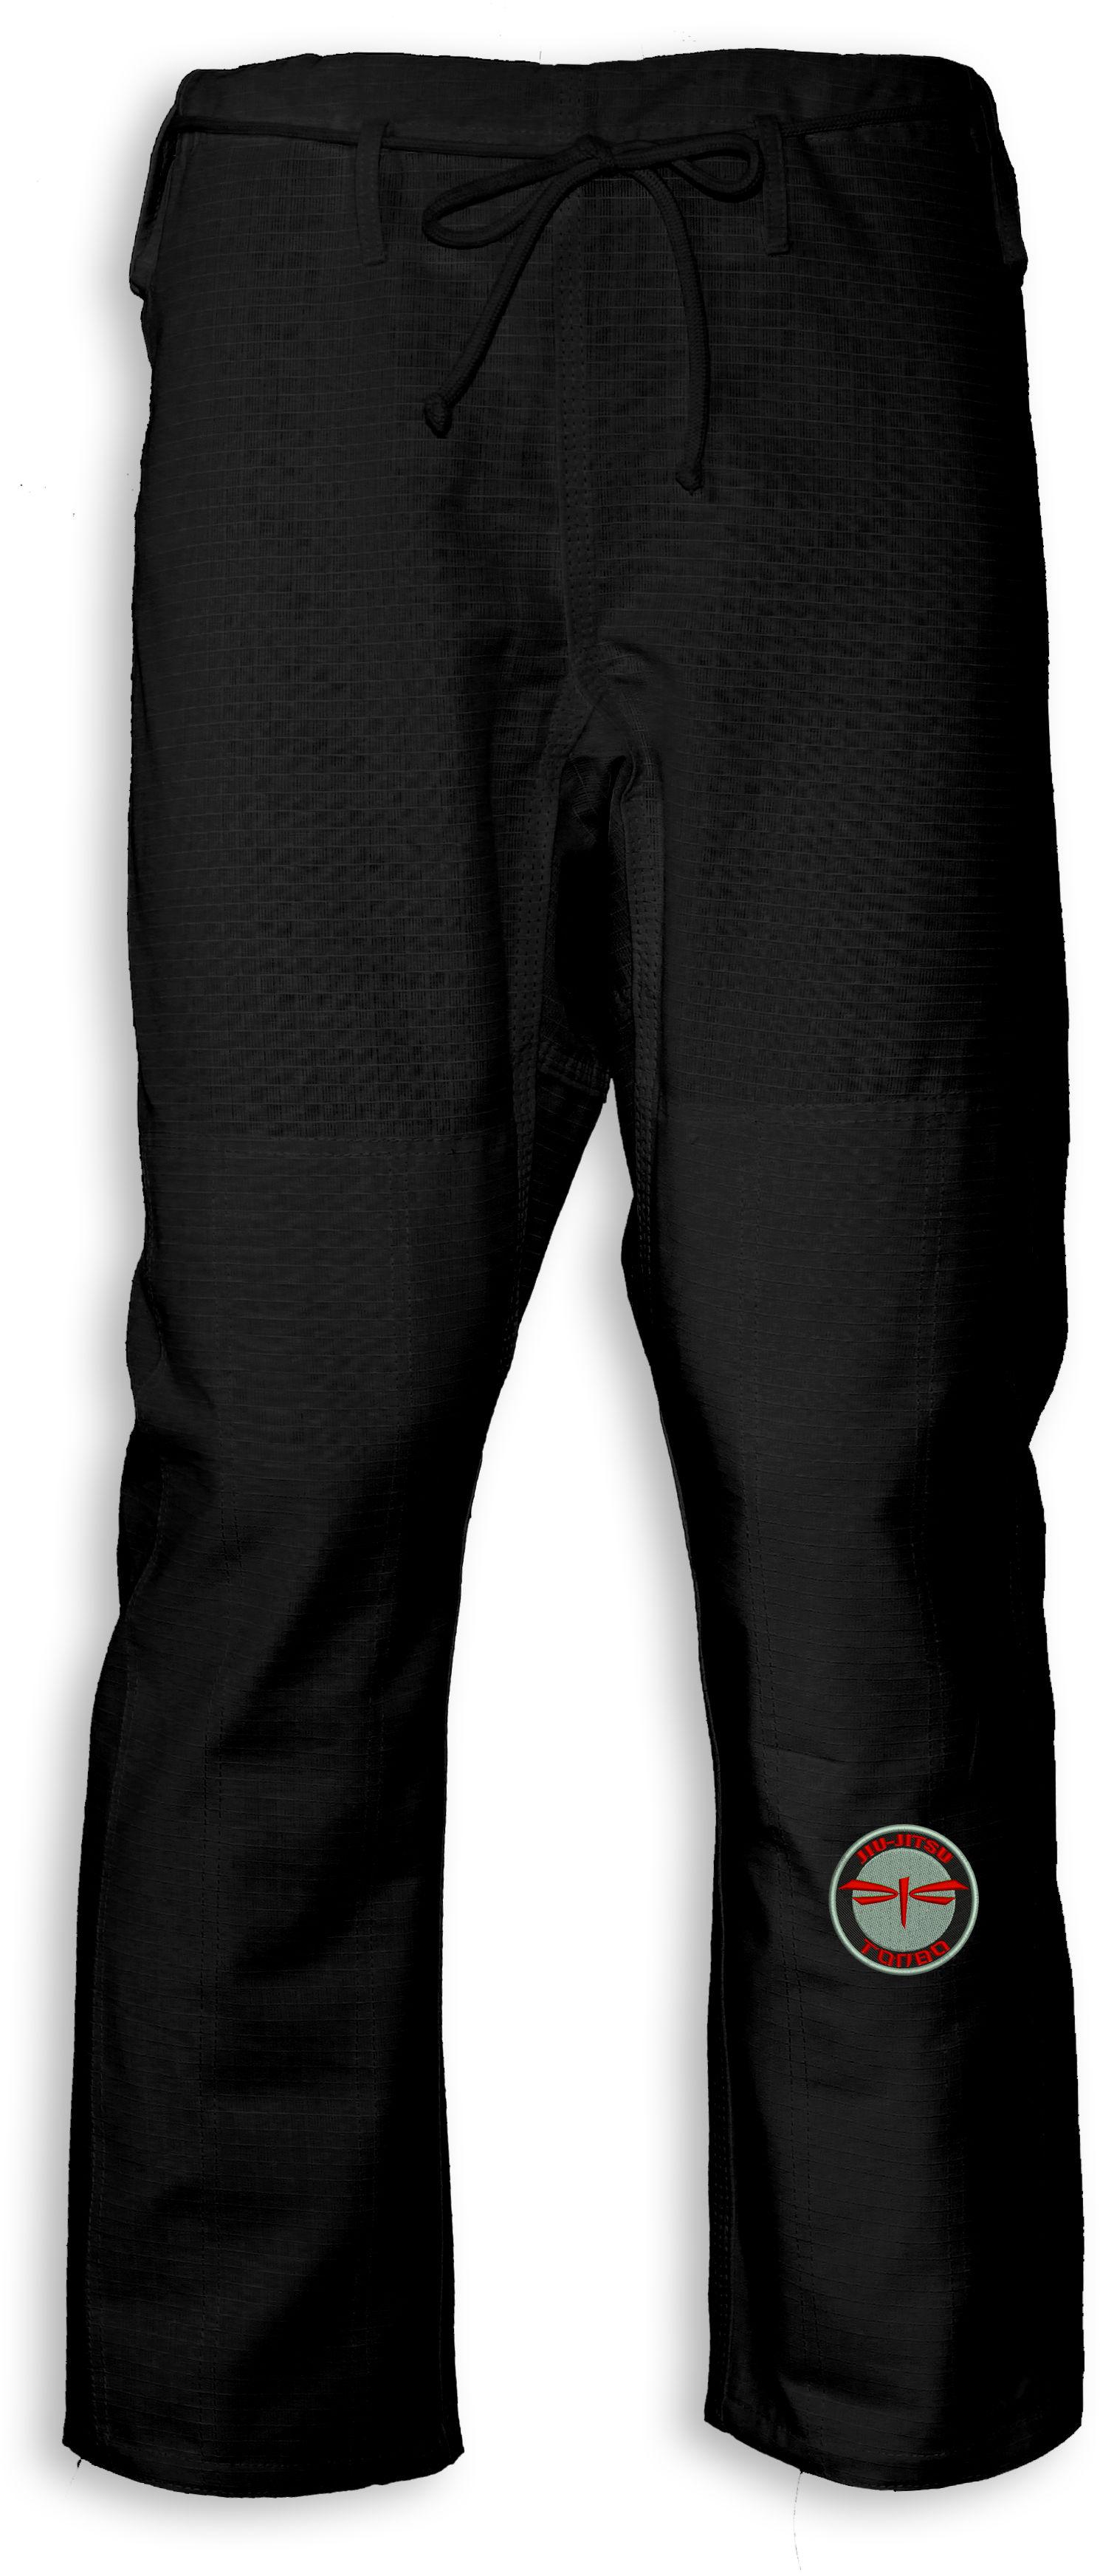 spodnie BJJ / Jiu-Jitsu NAKED-RIPSTOP, czarne (27 rozmiarów)